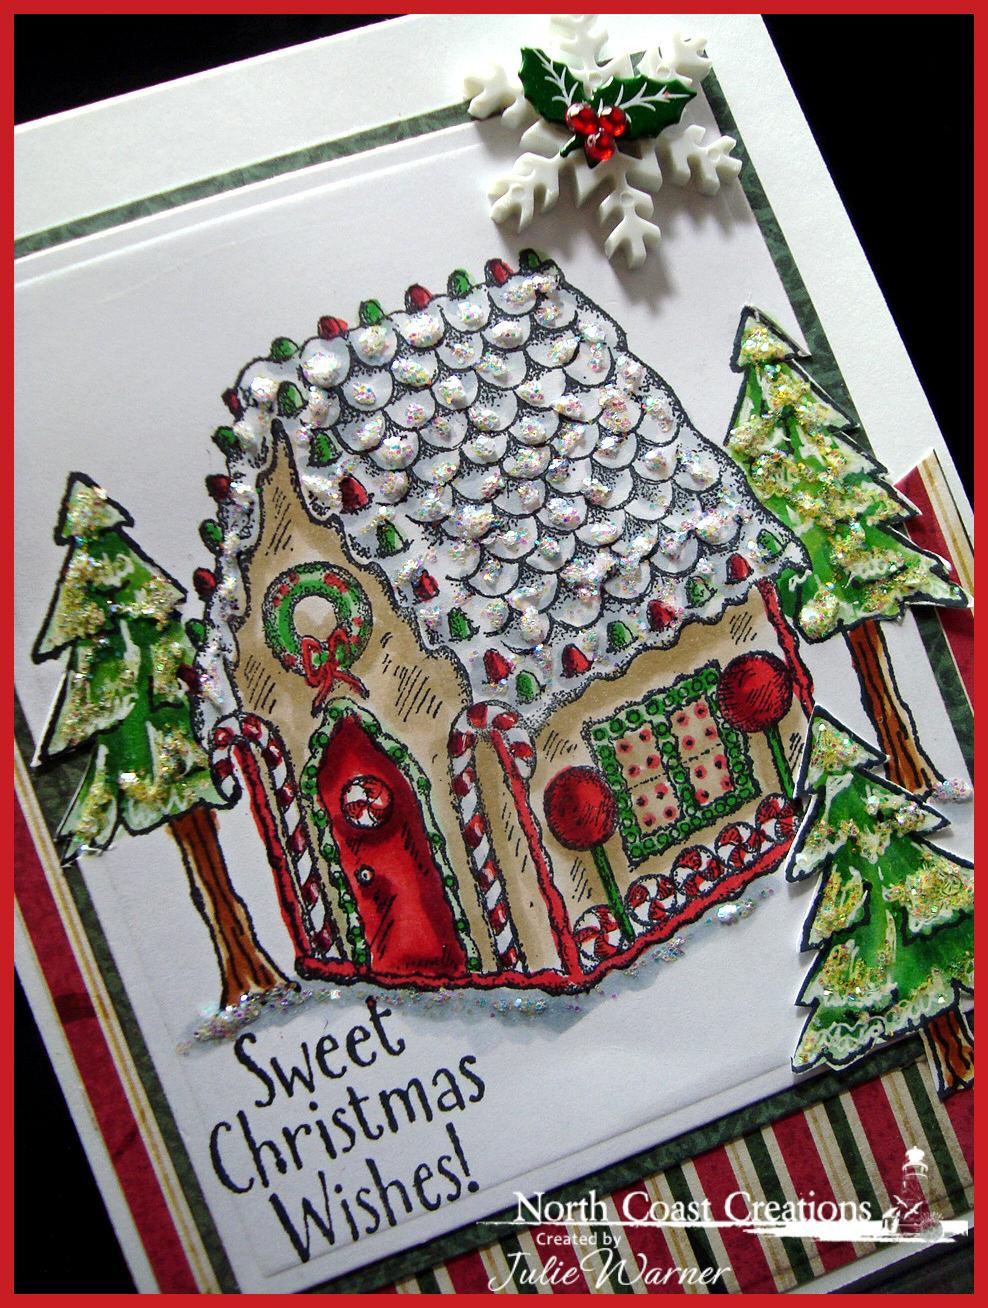 NCC Christmas House cu 04551